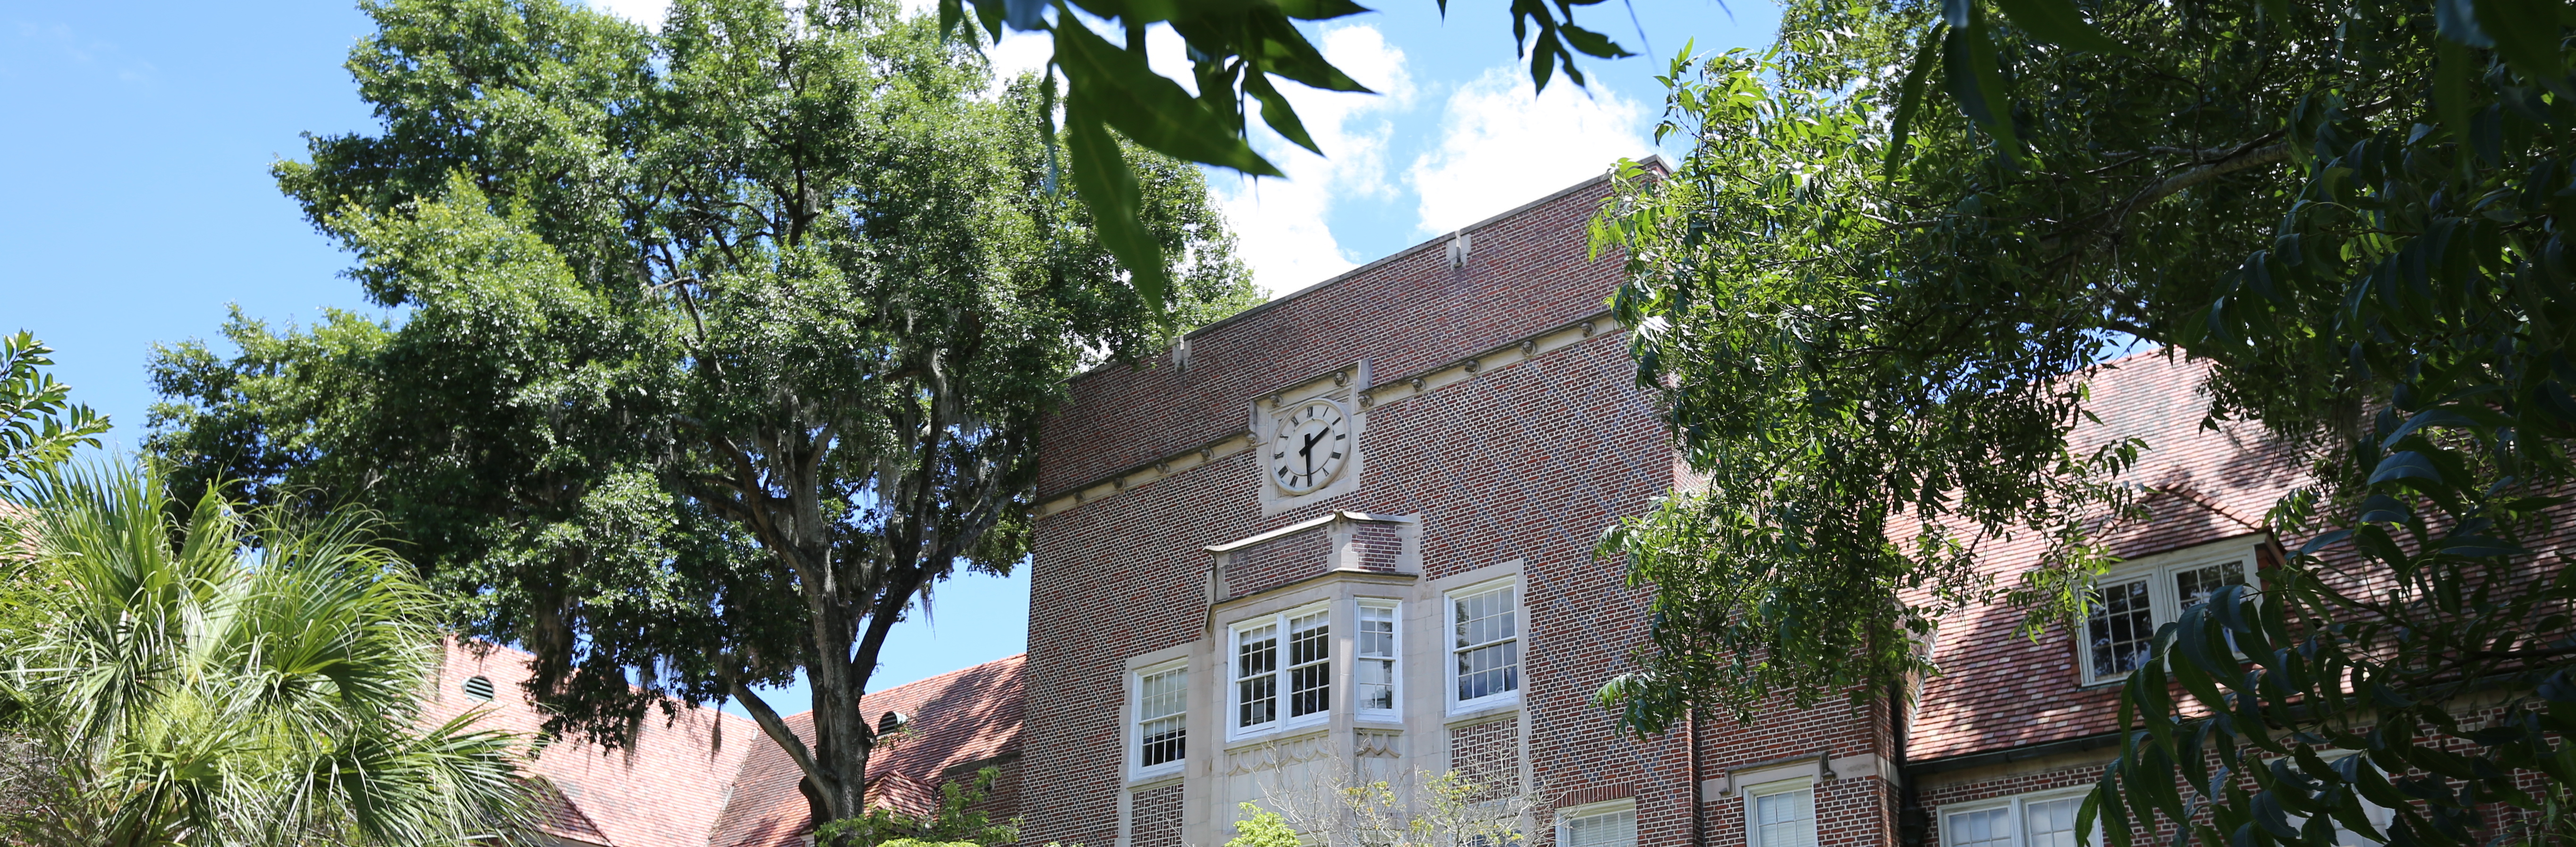 Norman Hall